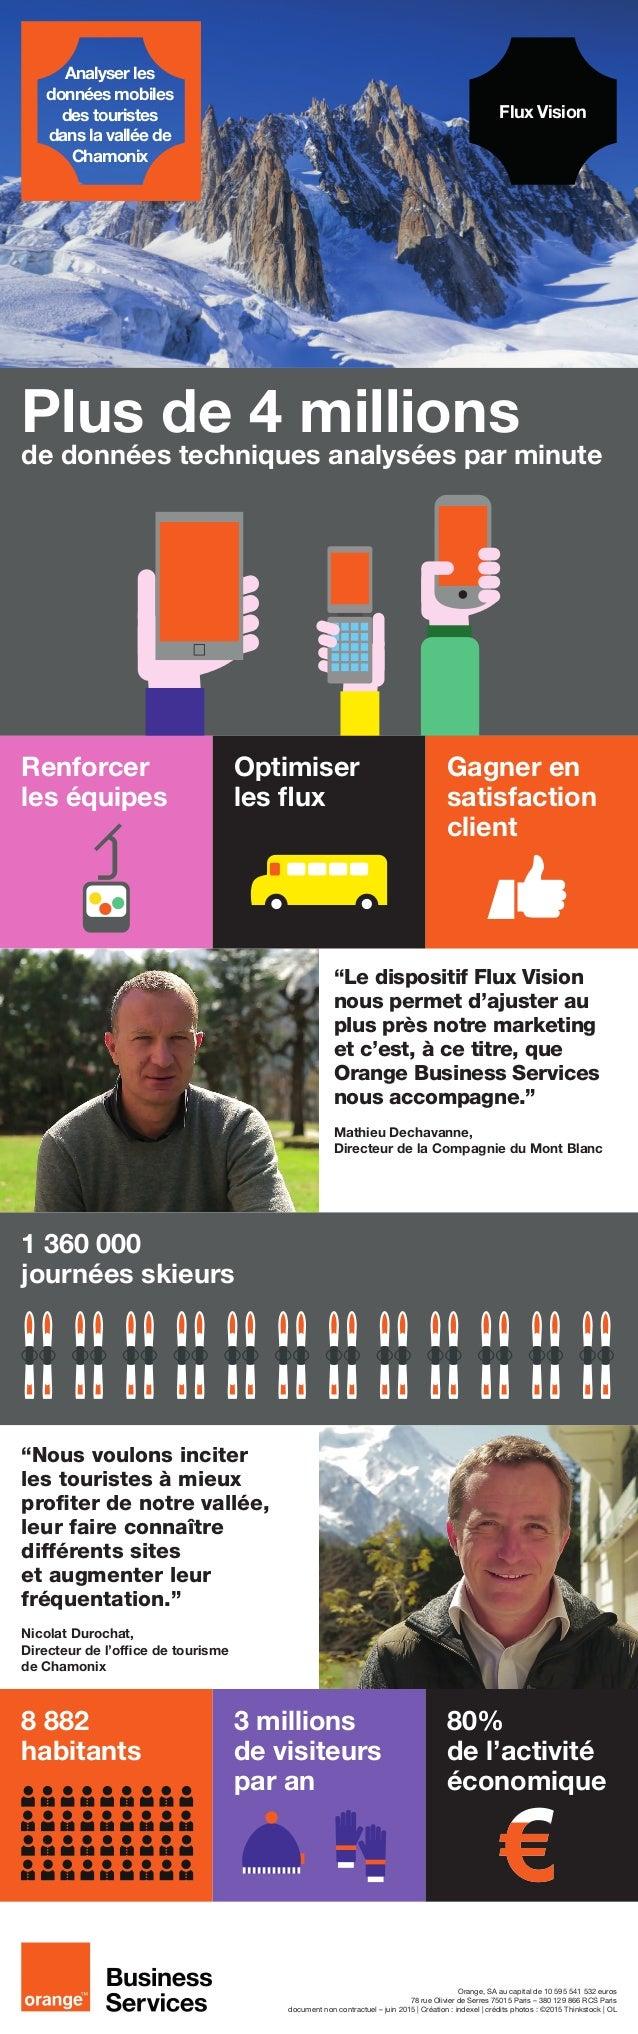 [Infographie] Comment le digital transforme l'offre touristique de la vallée de Chamonix ?  ?